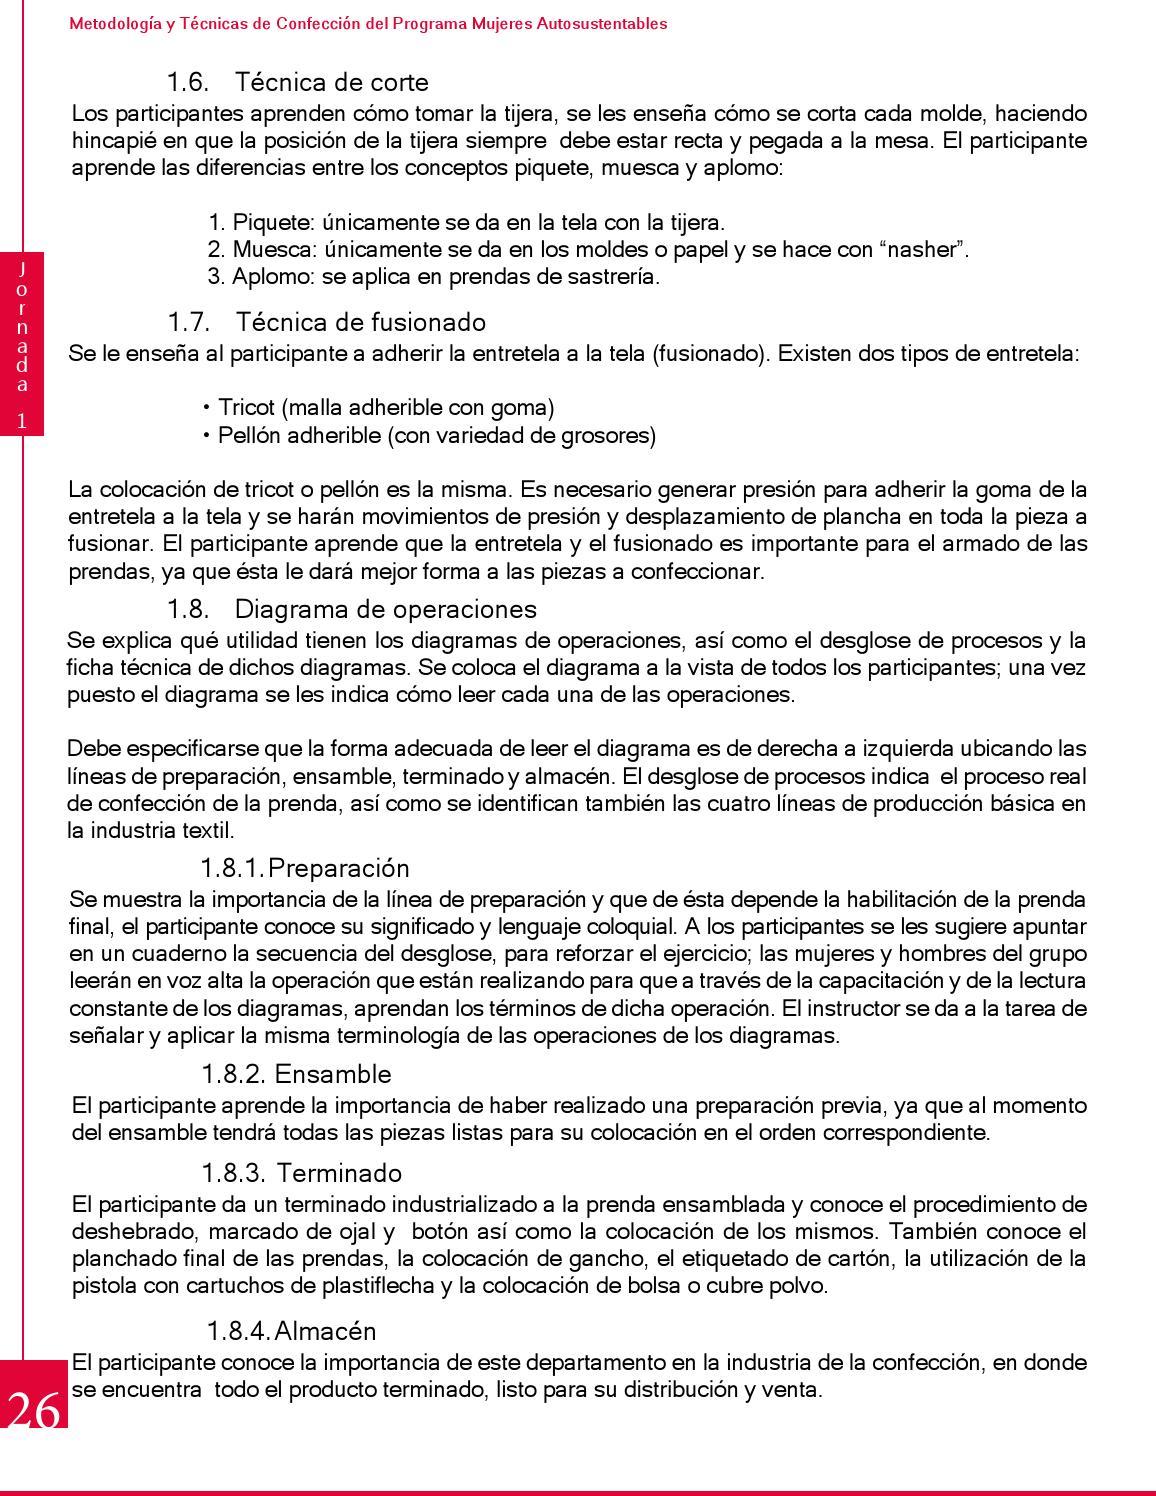 Manual de Capacitación en Técnicas de Confección Industrial by ...